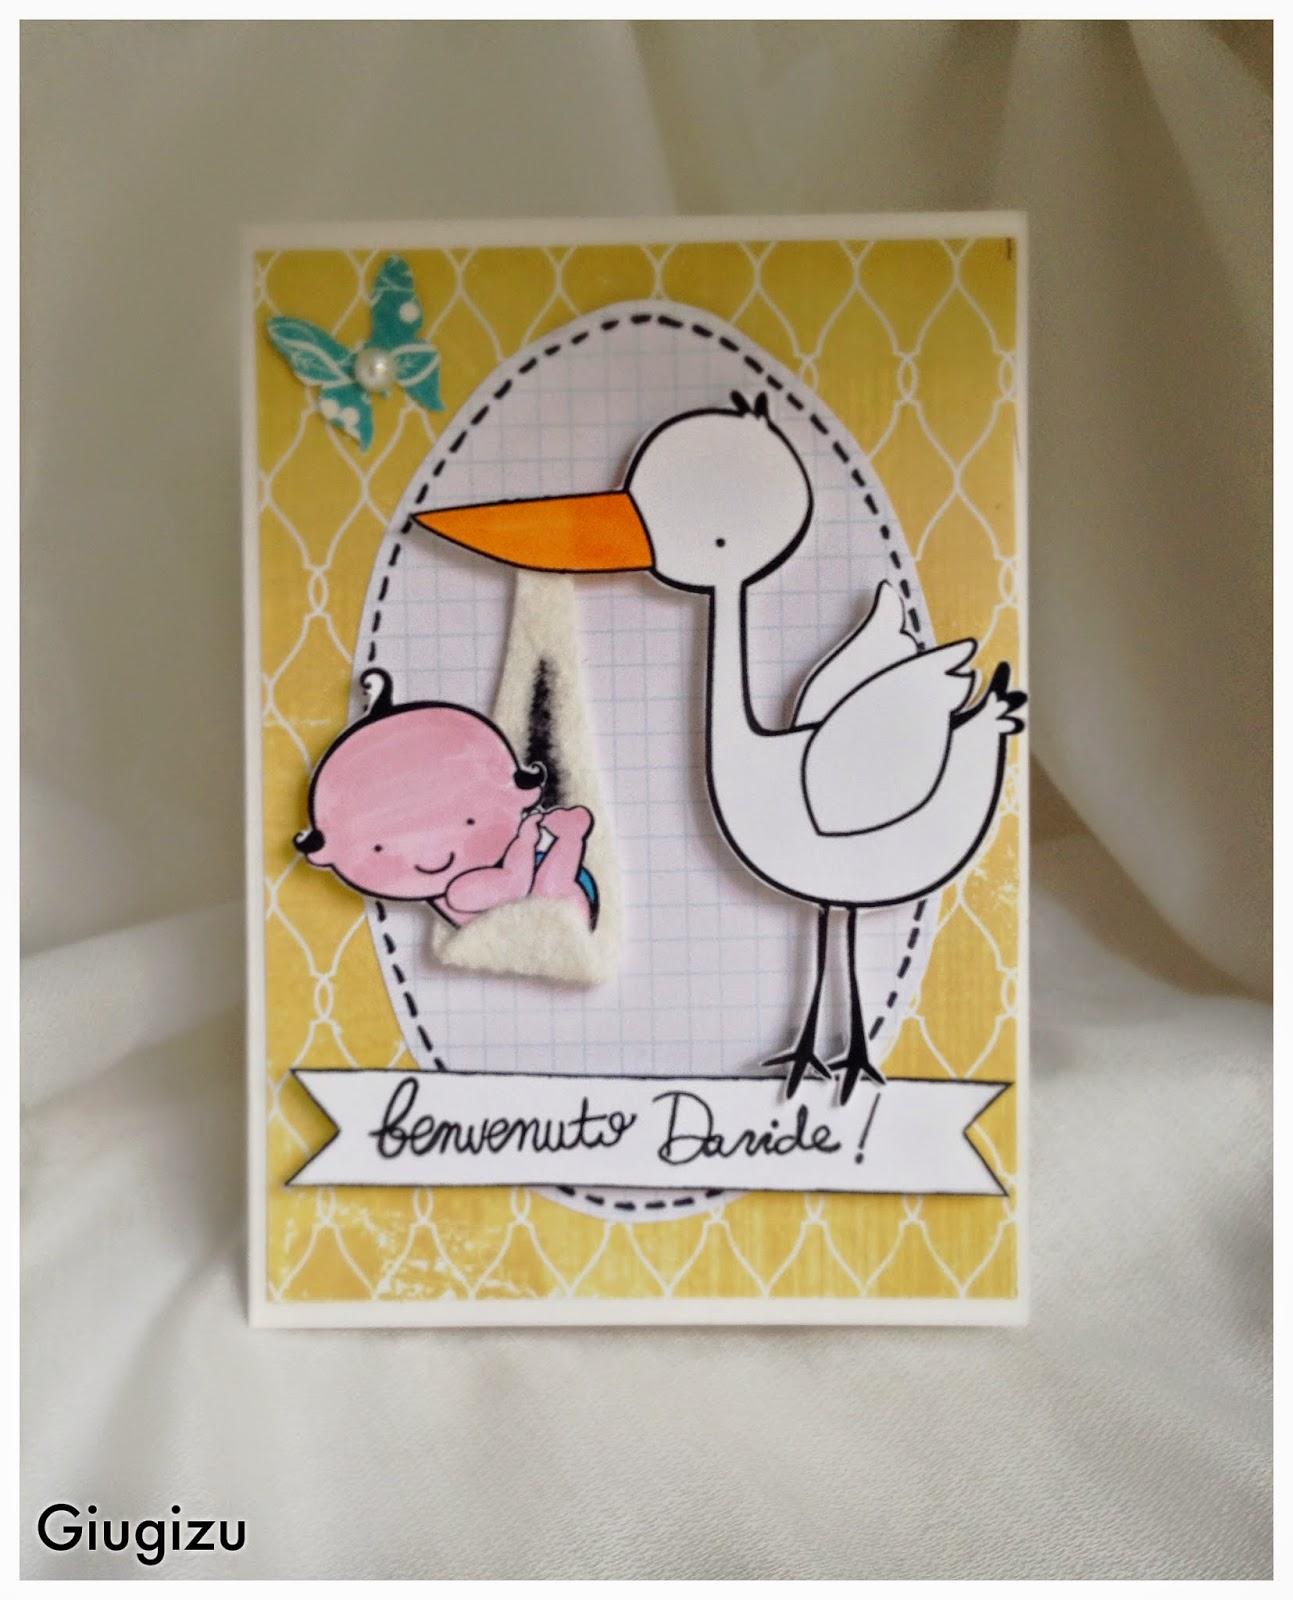 abbastanza Giugizu's corner: D.I.Y. Welcome baby boy card + frame - Biglietto  PP43